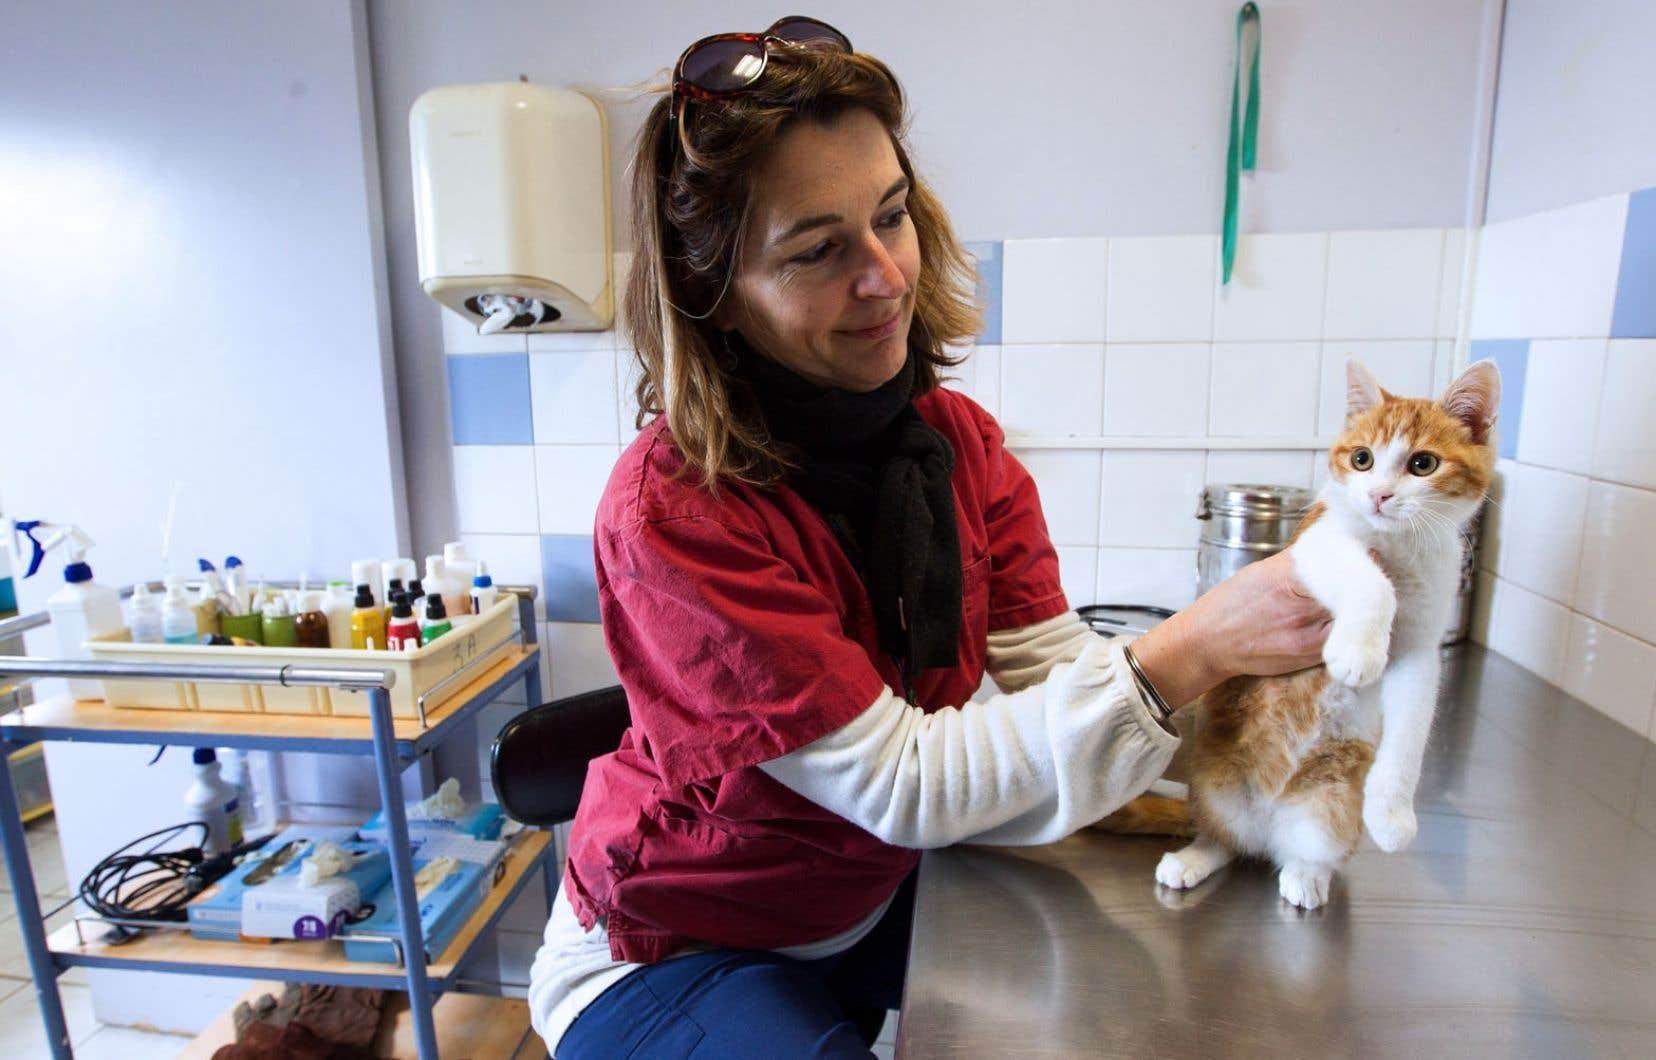 Ce petit chat prénommé Oscar a été retiré à son propriétaire français, Farid Ghilas, après que ce dernier se fut filmé en train de le lancer dans les airs. La vidéo est devenue virale, et le propriétaire s'est vu condamné à un an de prison pour cruauté animale.